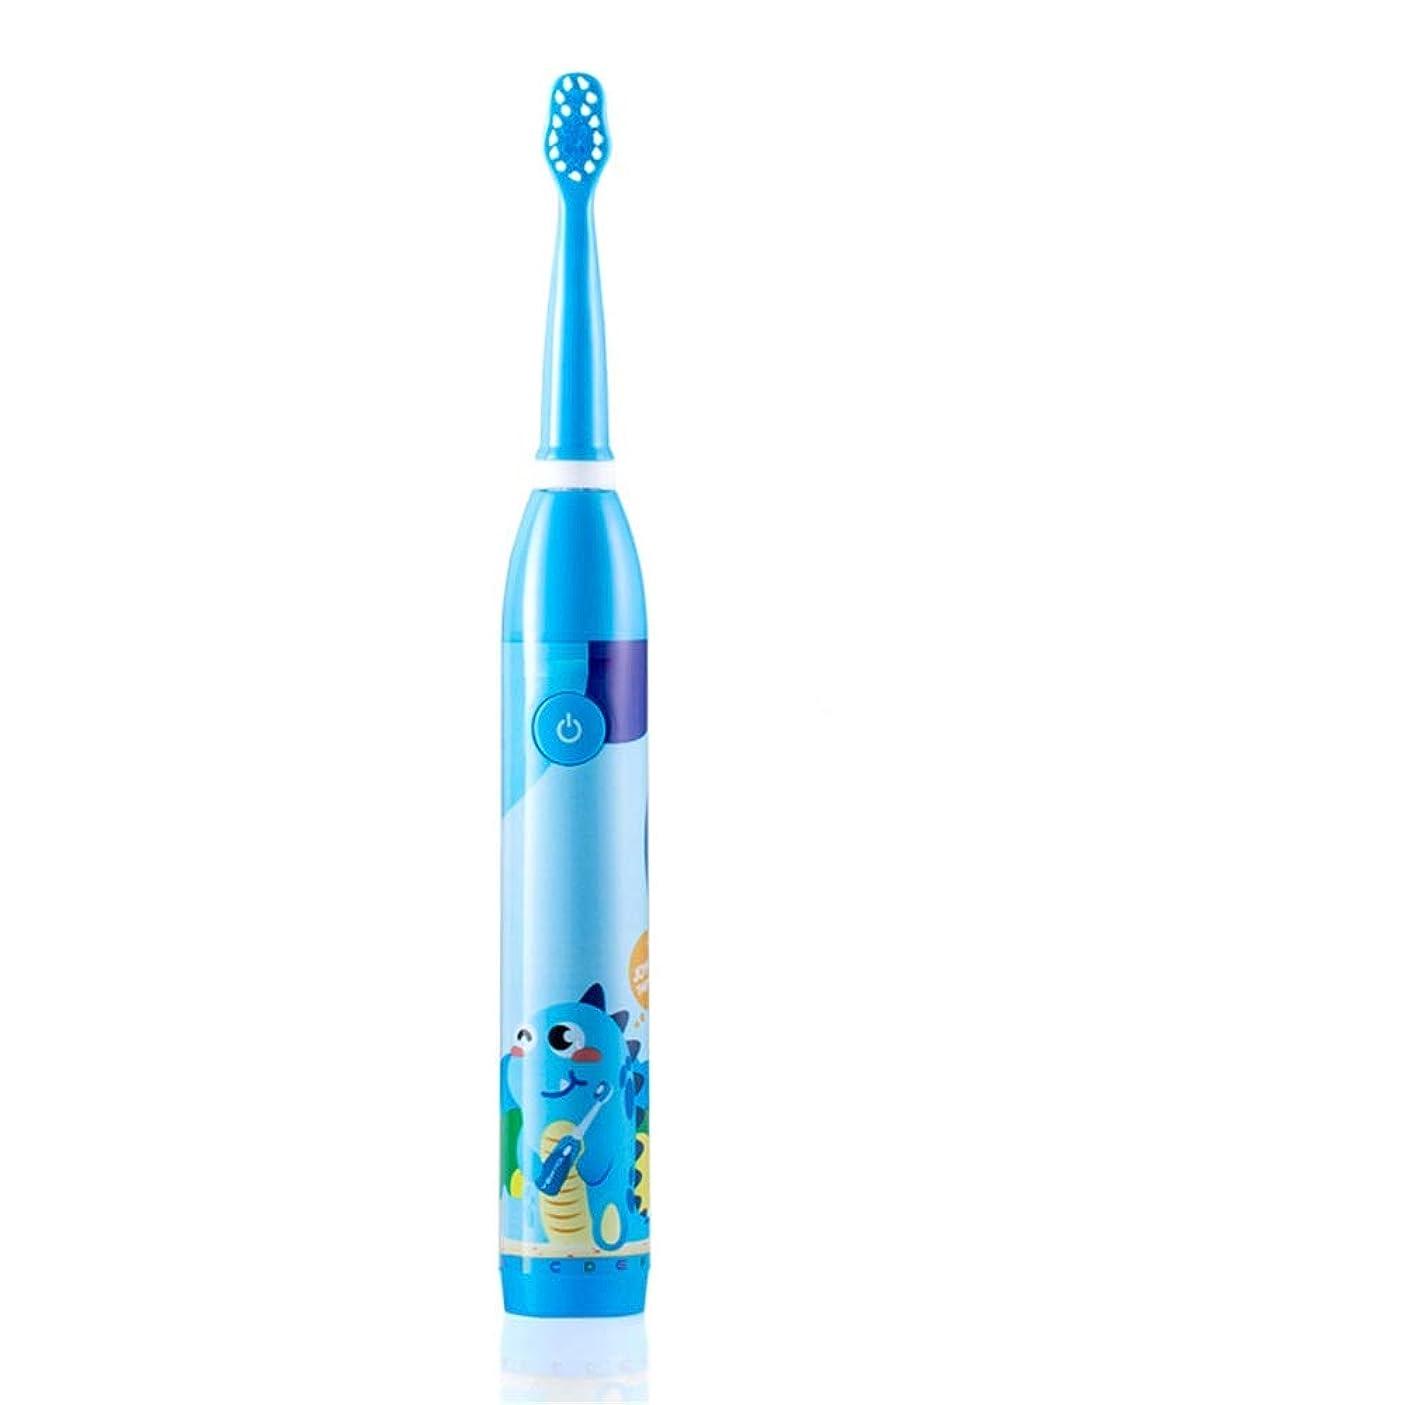 ページポルティコ乱れ6-12歳の子供に適した耐久性のある子供用電動歯ブラシUSB充電式防水保護ホワイトニング歯ブラシ 完璧な旅の道連れ (色 : 青, サイズ : Free size)